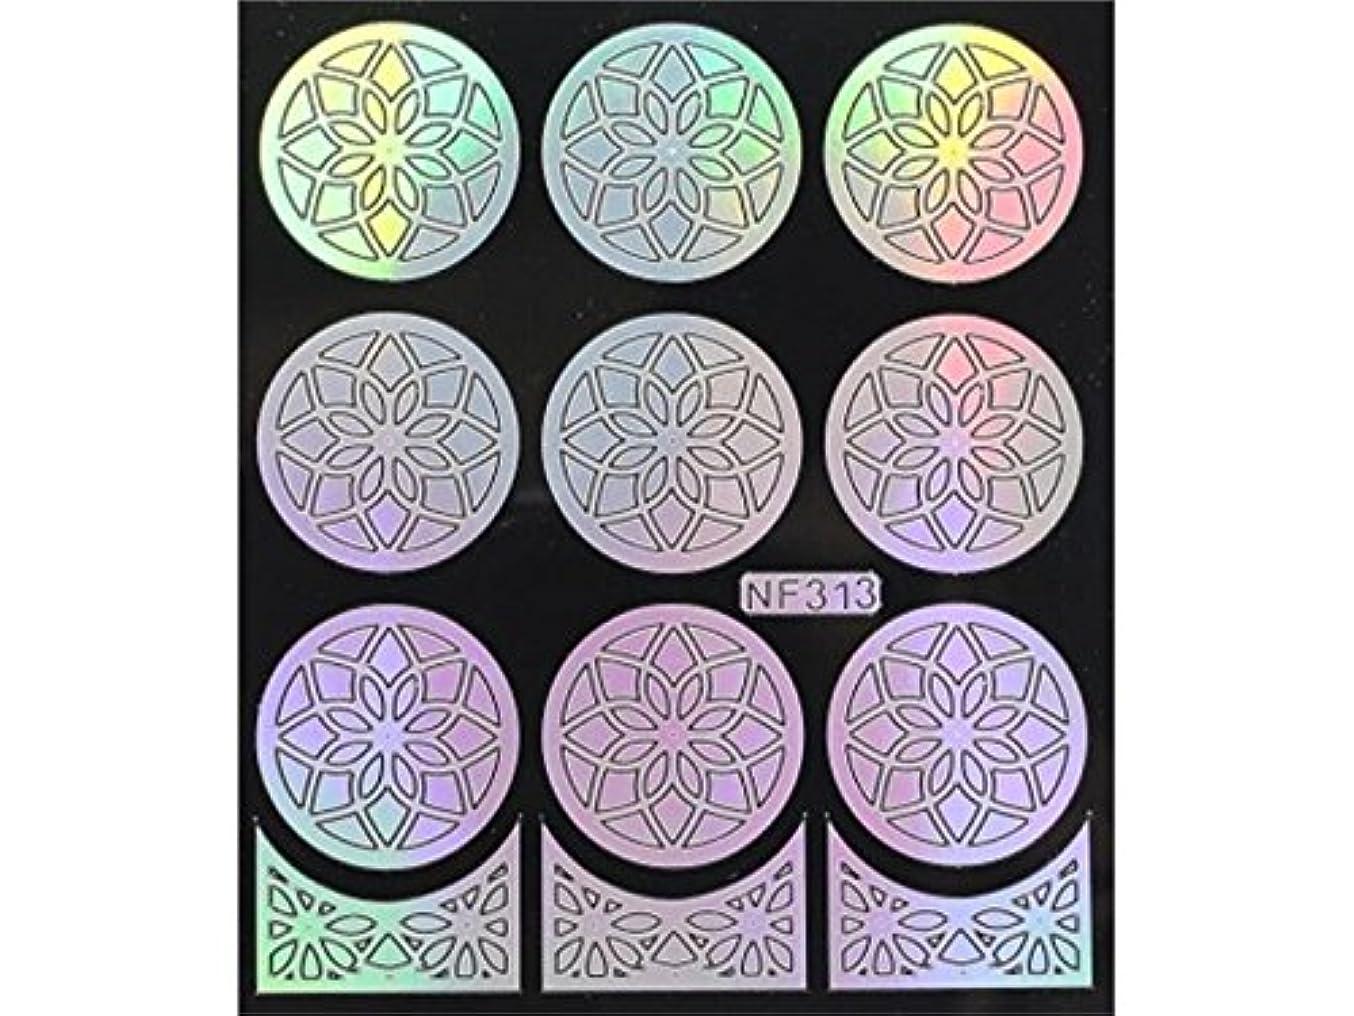 傾向があります待ってすきOsize 女性のネイルステッカーネイルアートプレートをスタンピングネイルポリッシュマニキュア印刷テンプレートDIYの装飾(シルバー)